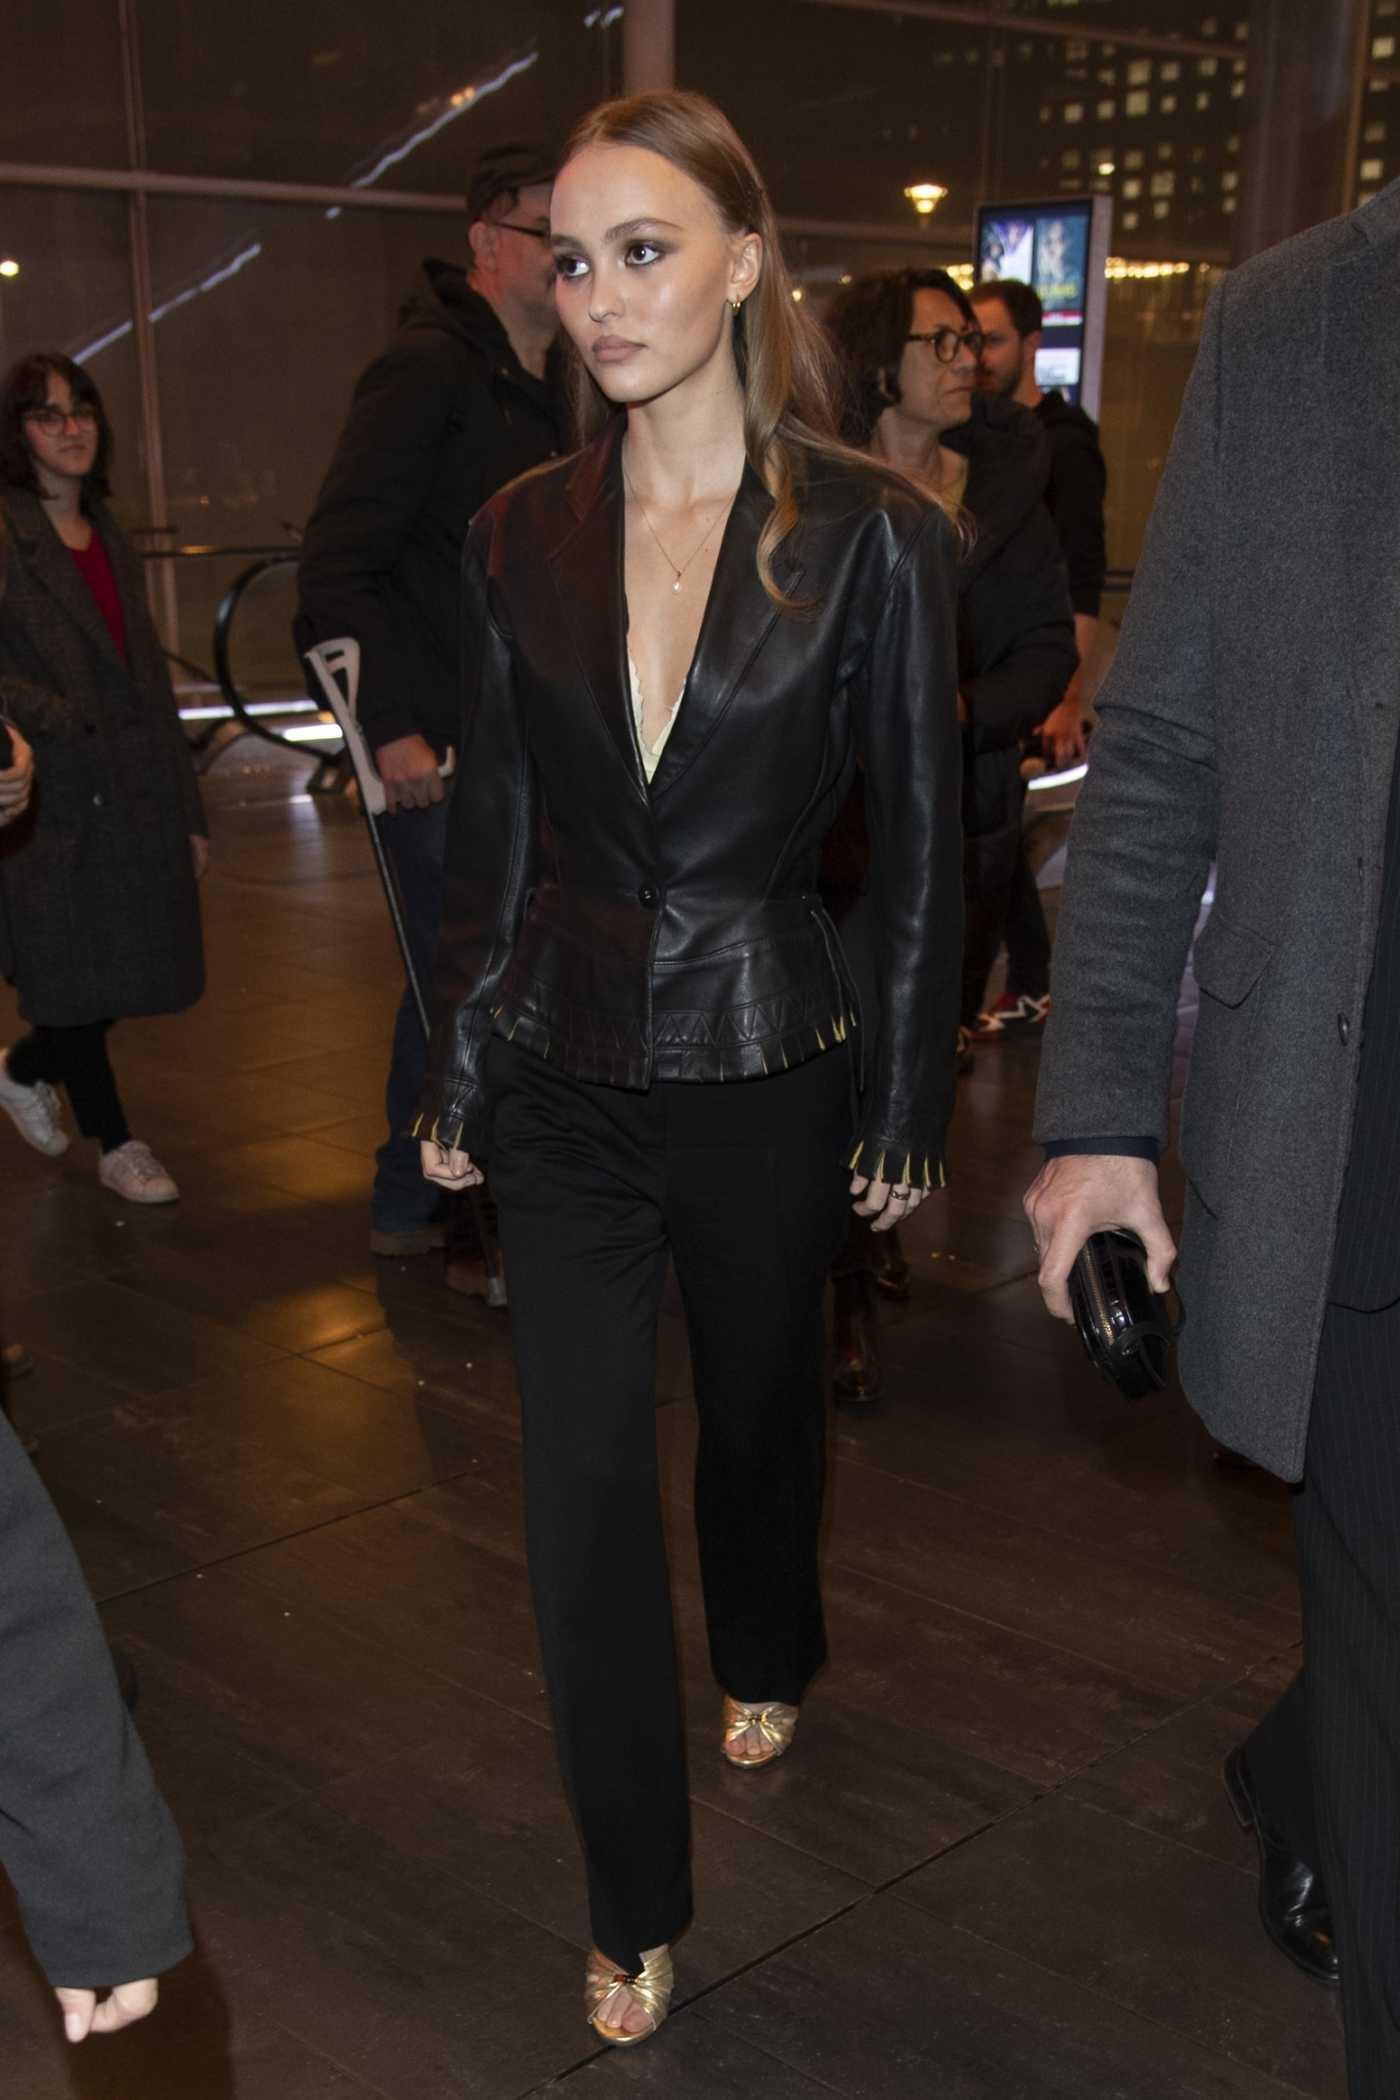 Lily-Rose Depp Arrives at the Les Fauves Premiere in Paris 01/16/2019